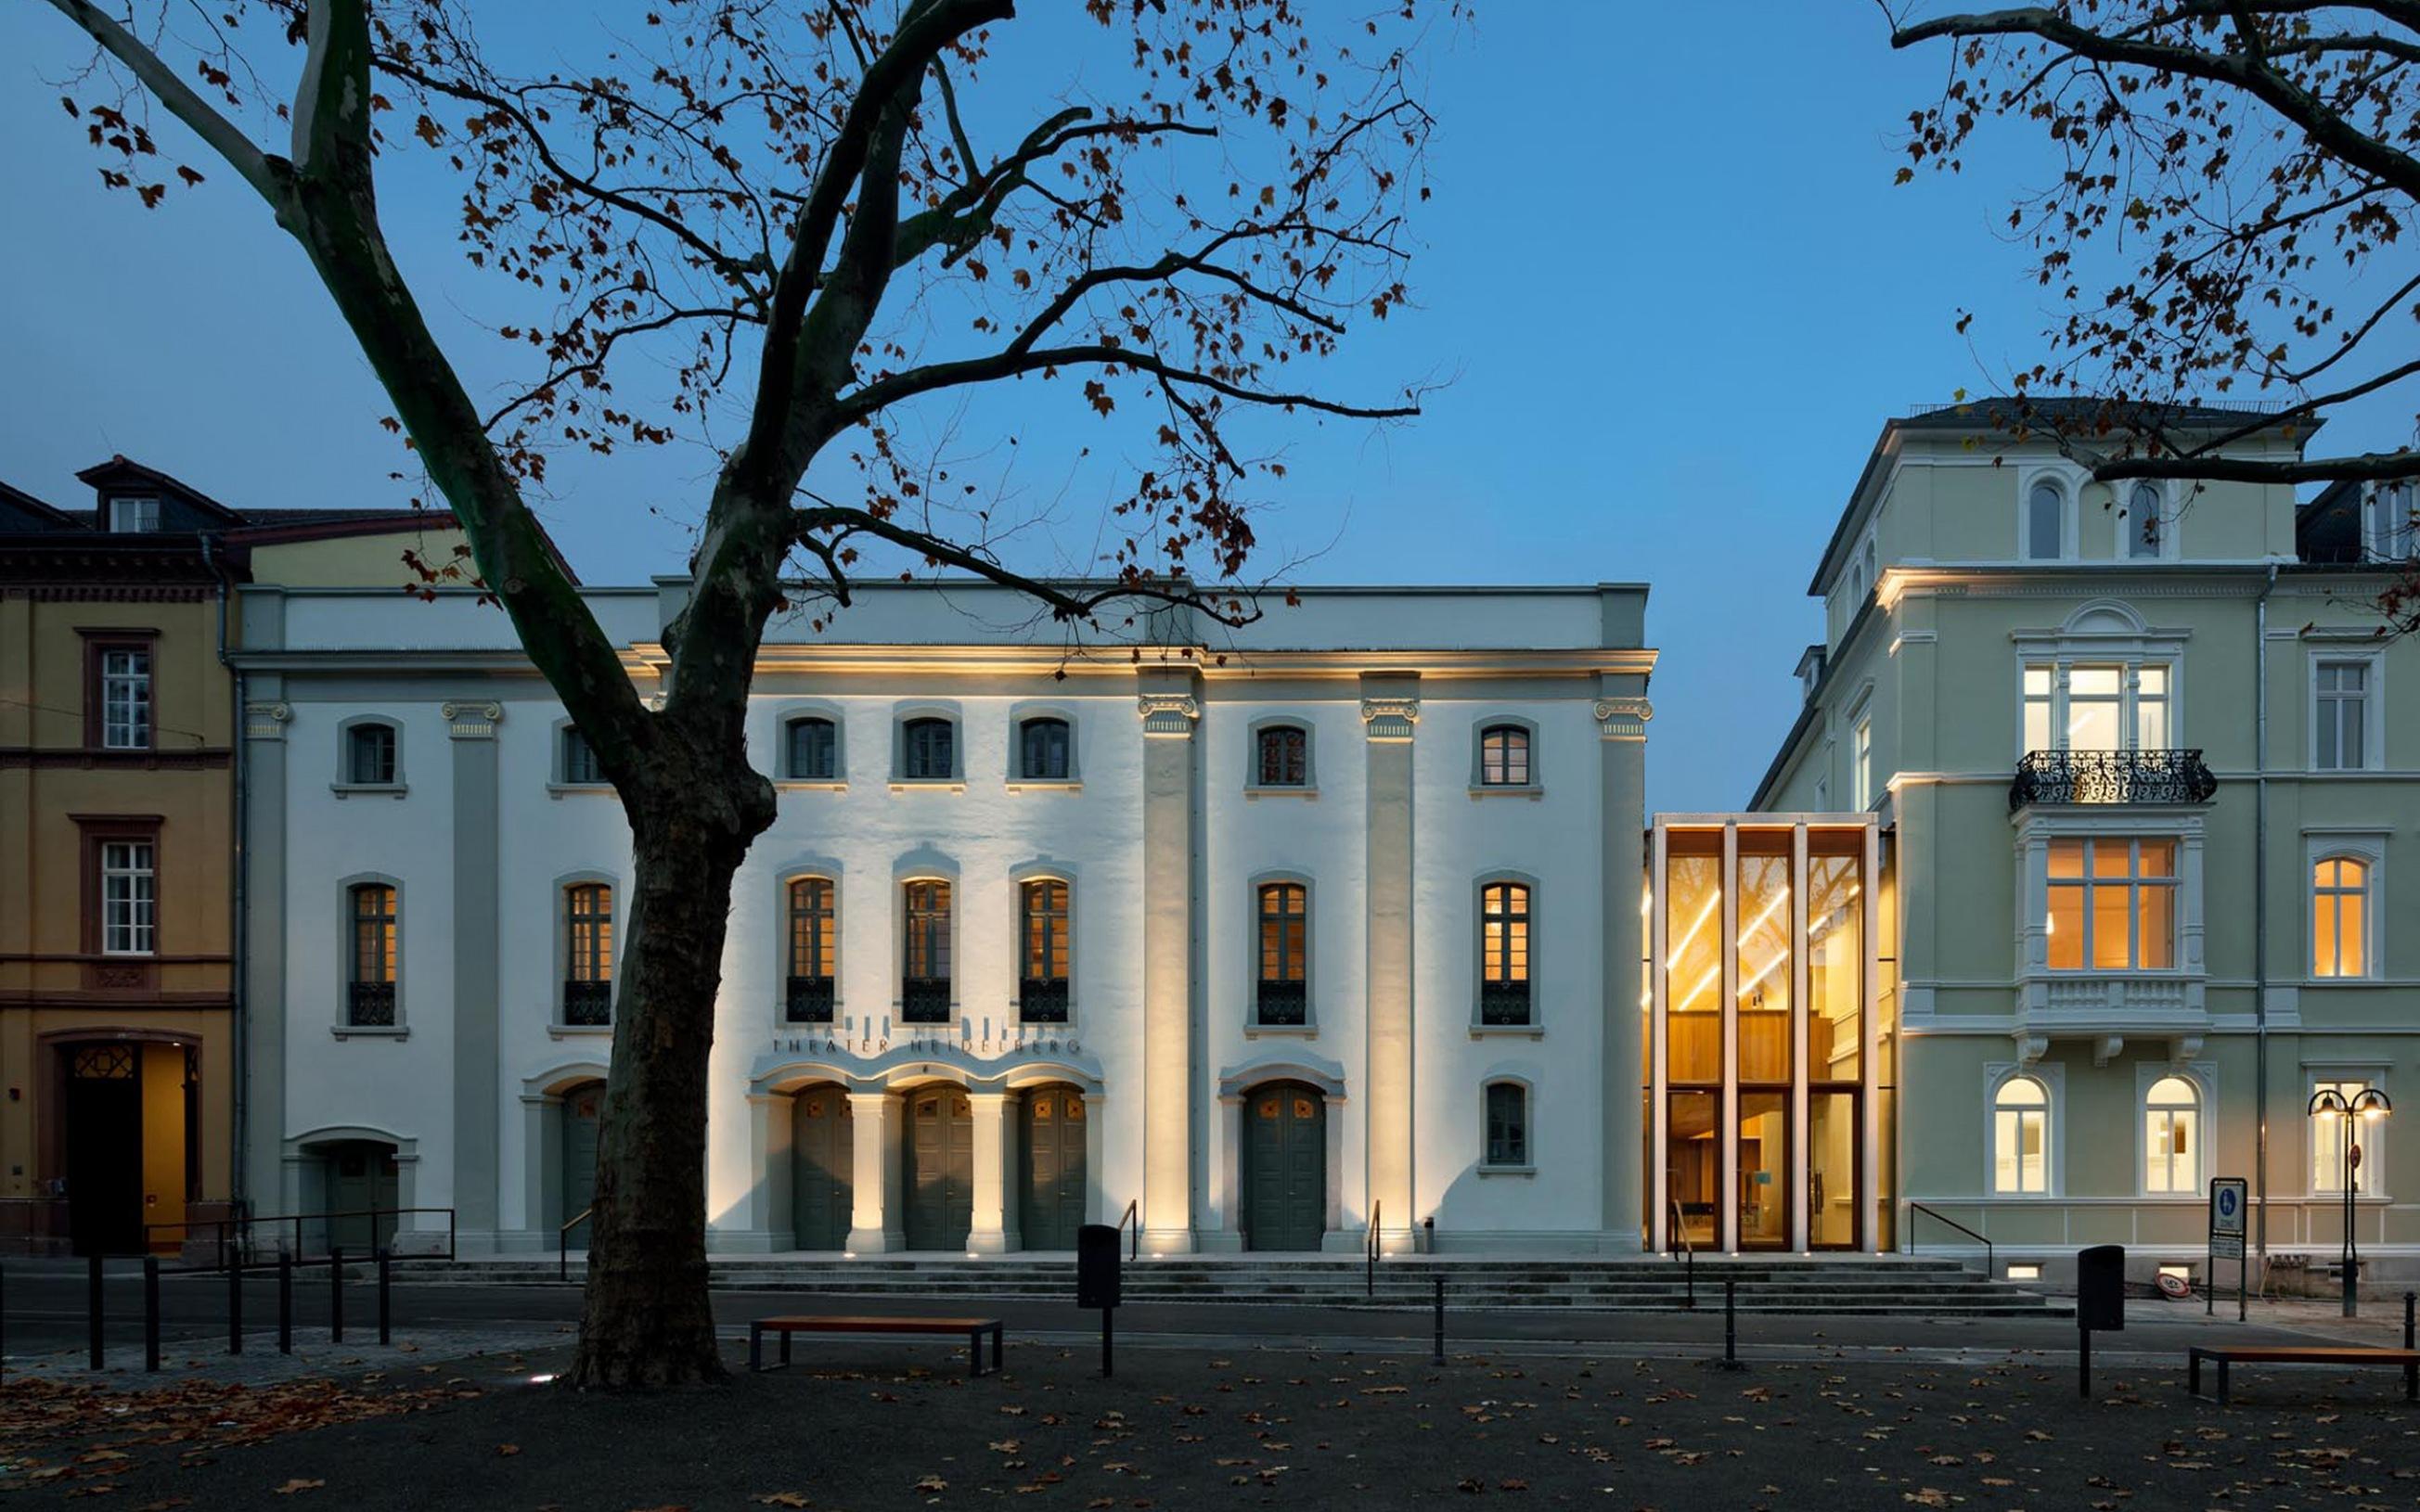 Blick auf die neugestaltete Fassade des Theaters Heidelberg aus Sicht des Theaterplatzes.